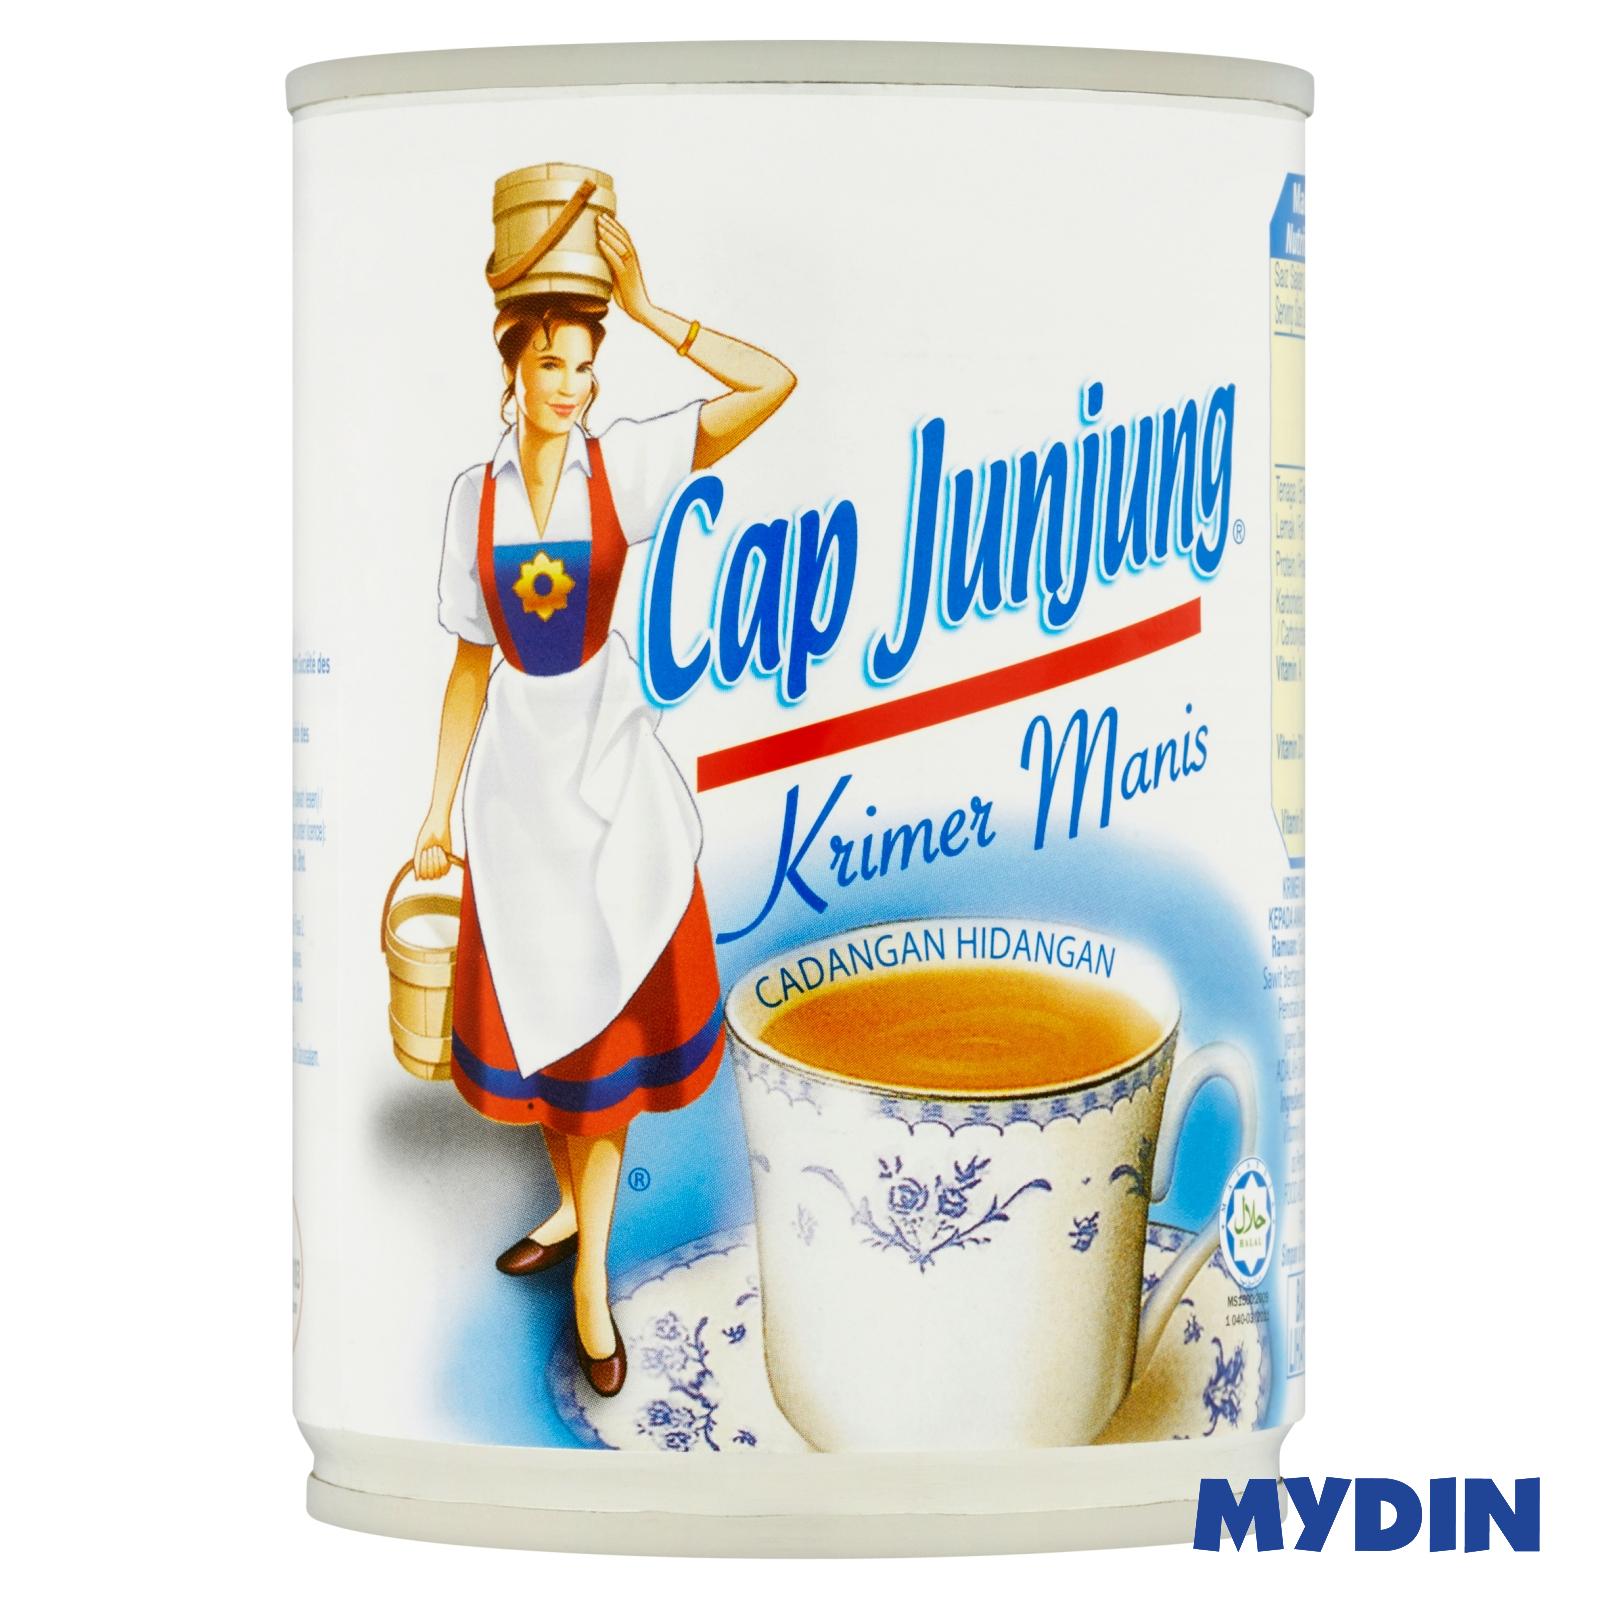 Cap Junjung Krimer Manis (500g)